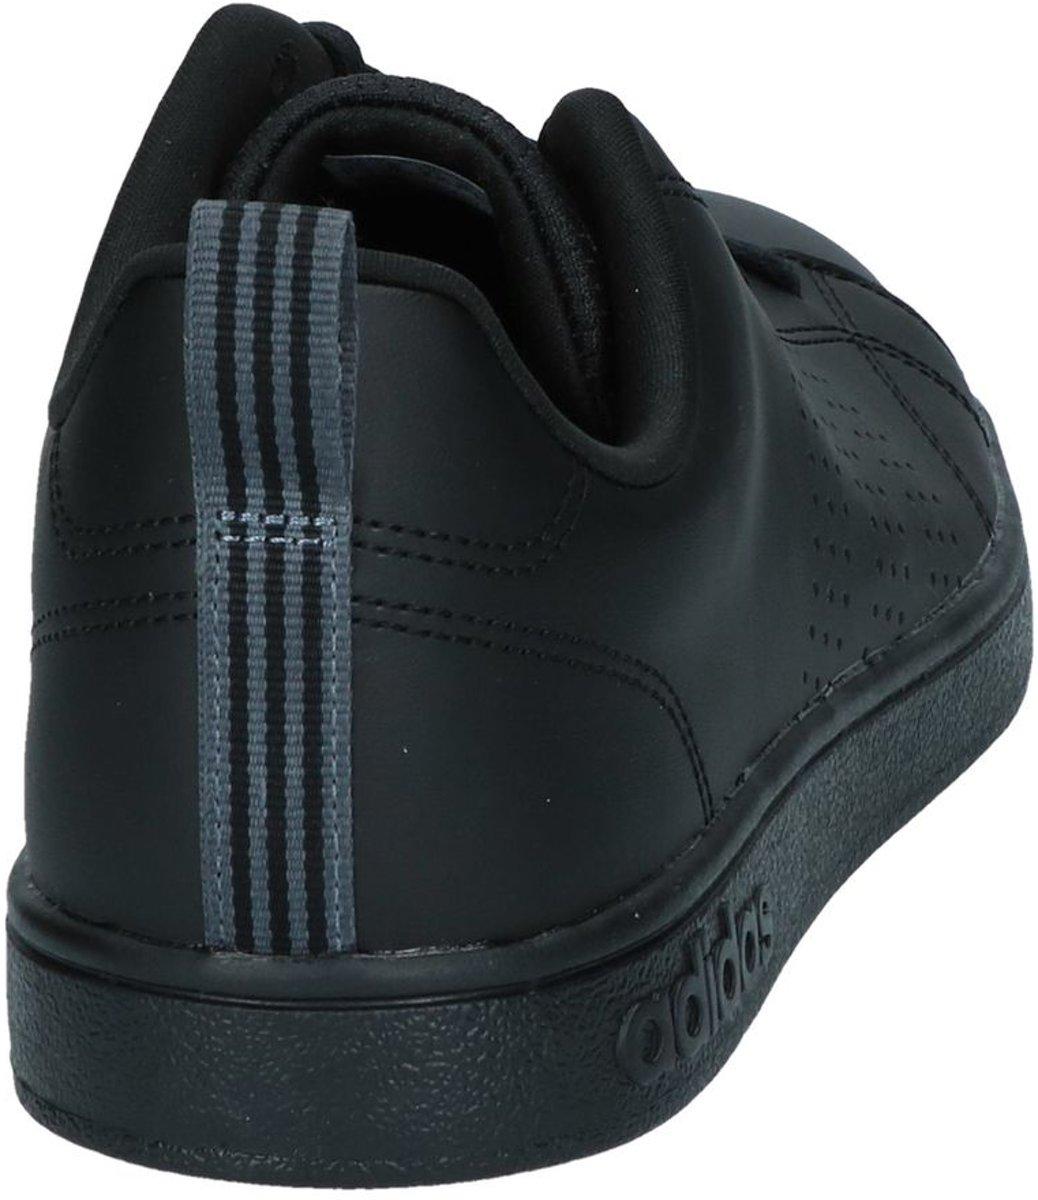 Adidas - Court Vulc Sneakers - Hommes - Chaussures De Sport - Noir - 44 BbXtz